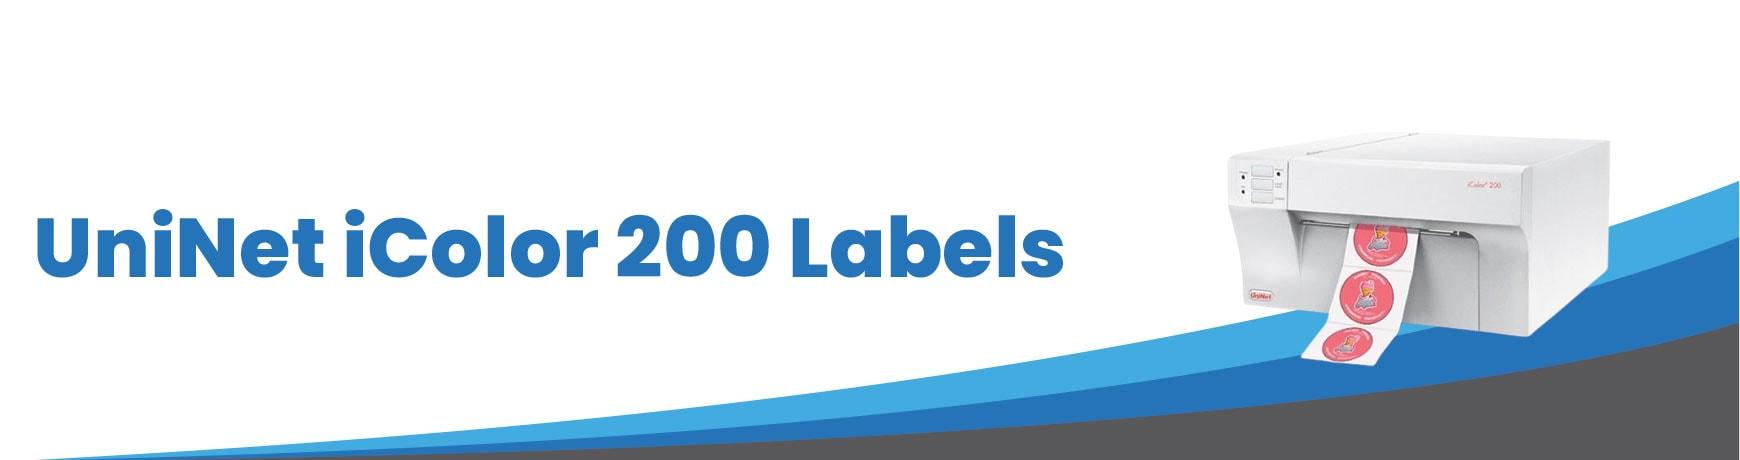 UniNet iColor 200 Labels